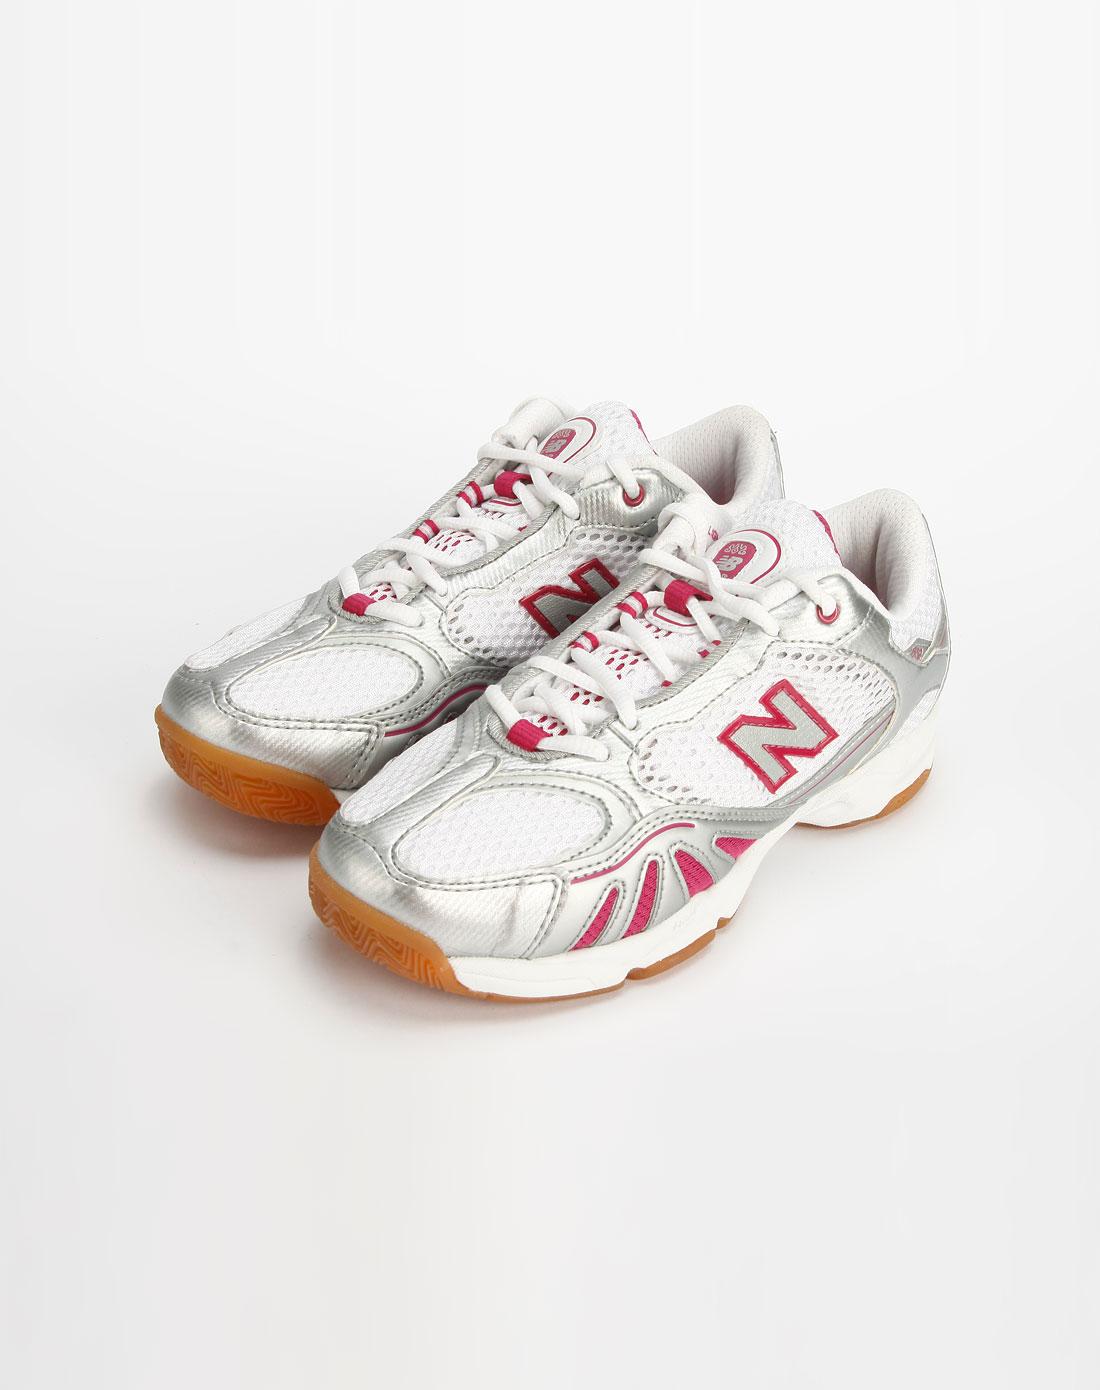 灰/白色室内运动鞋_new